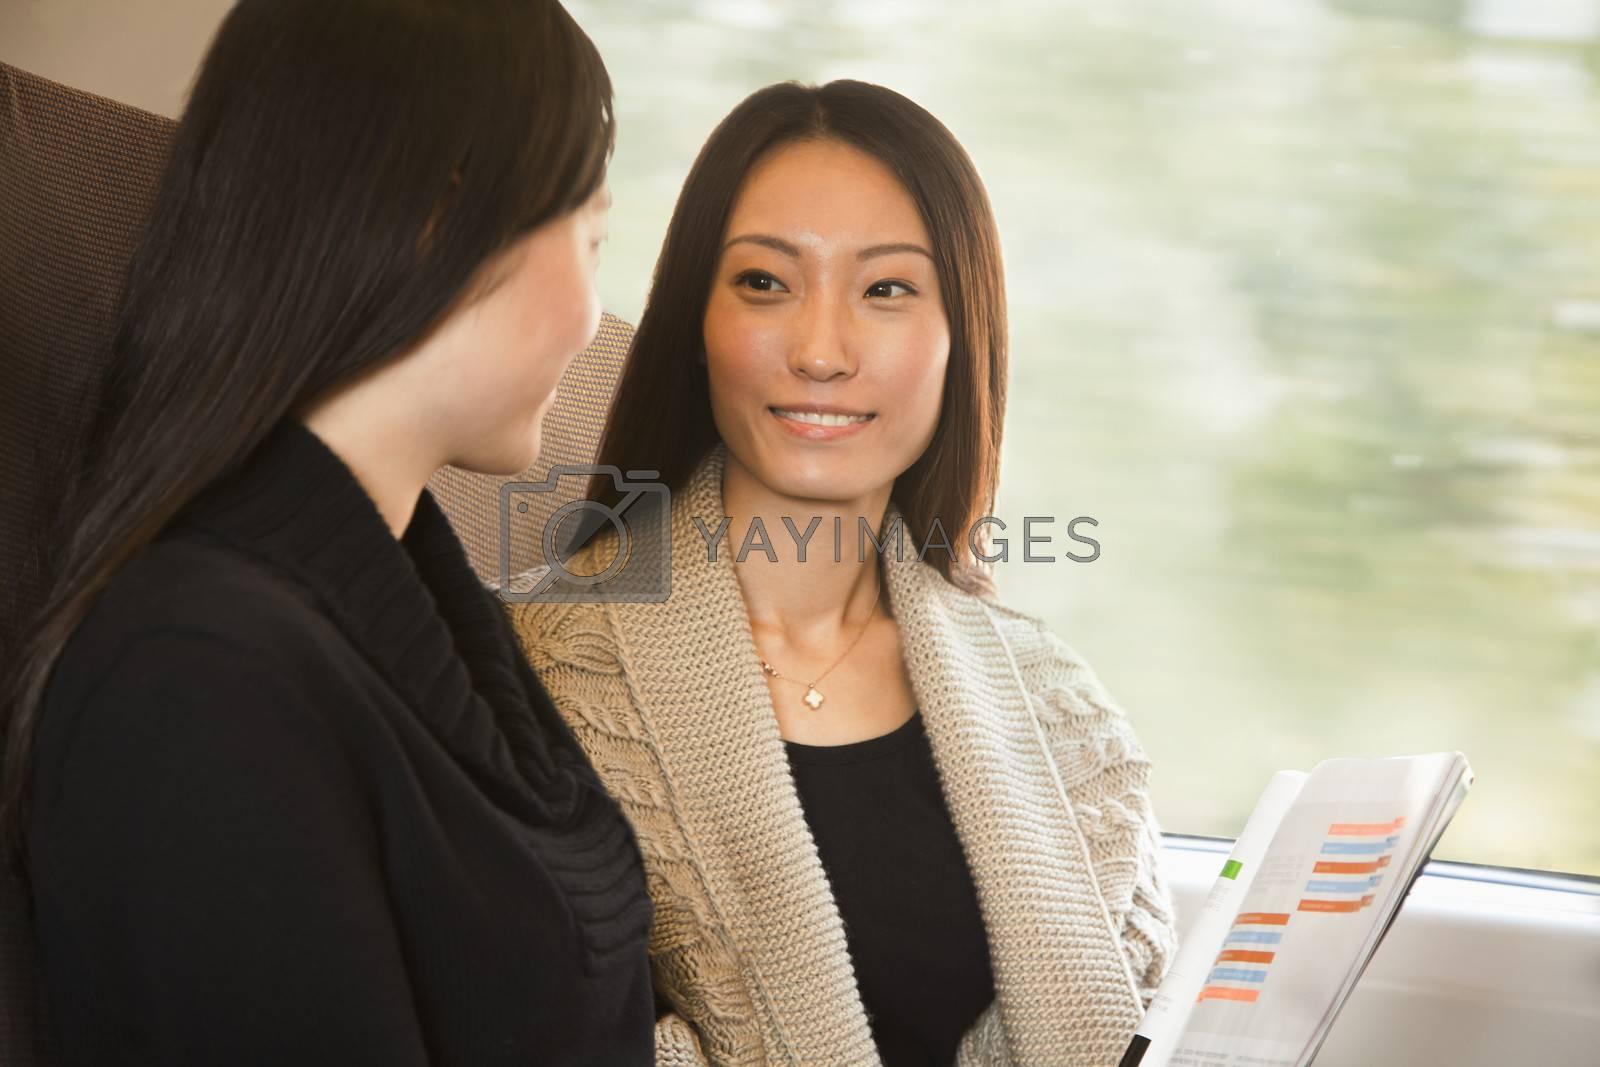 Two Women Talking on a Train by XiXinXing